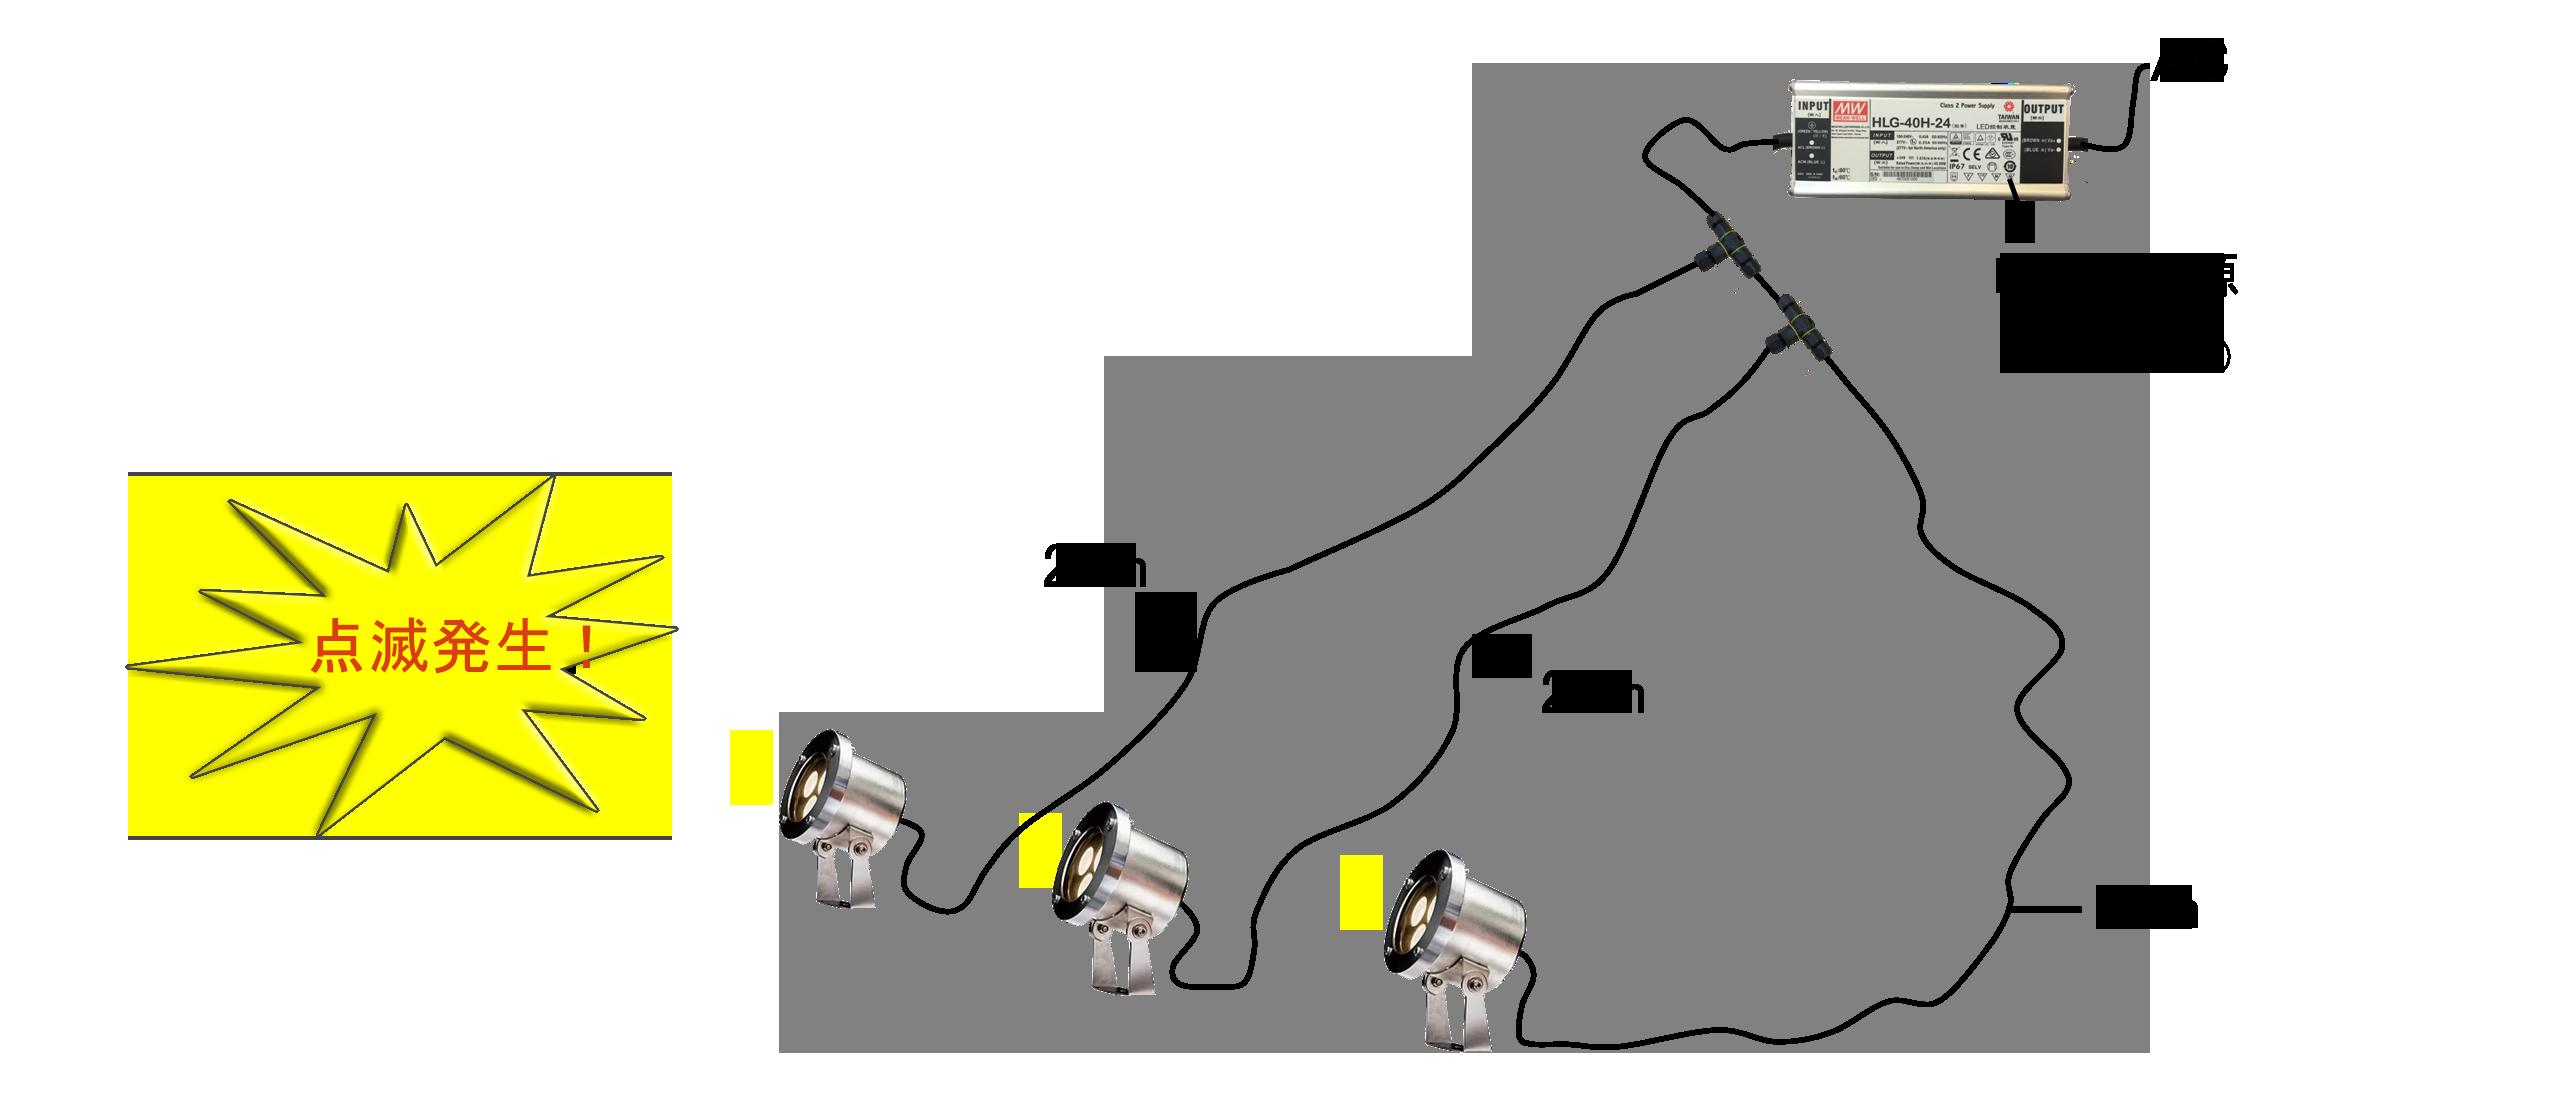 【点滅】接続方法イメージ図